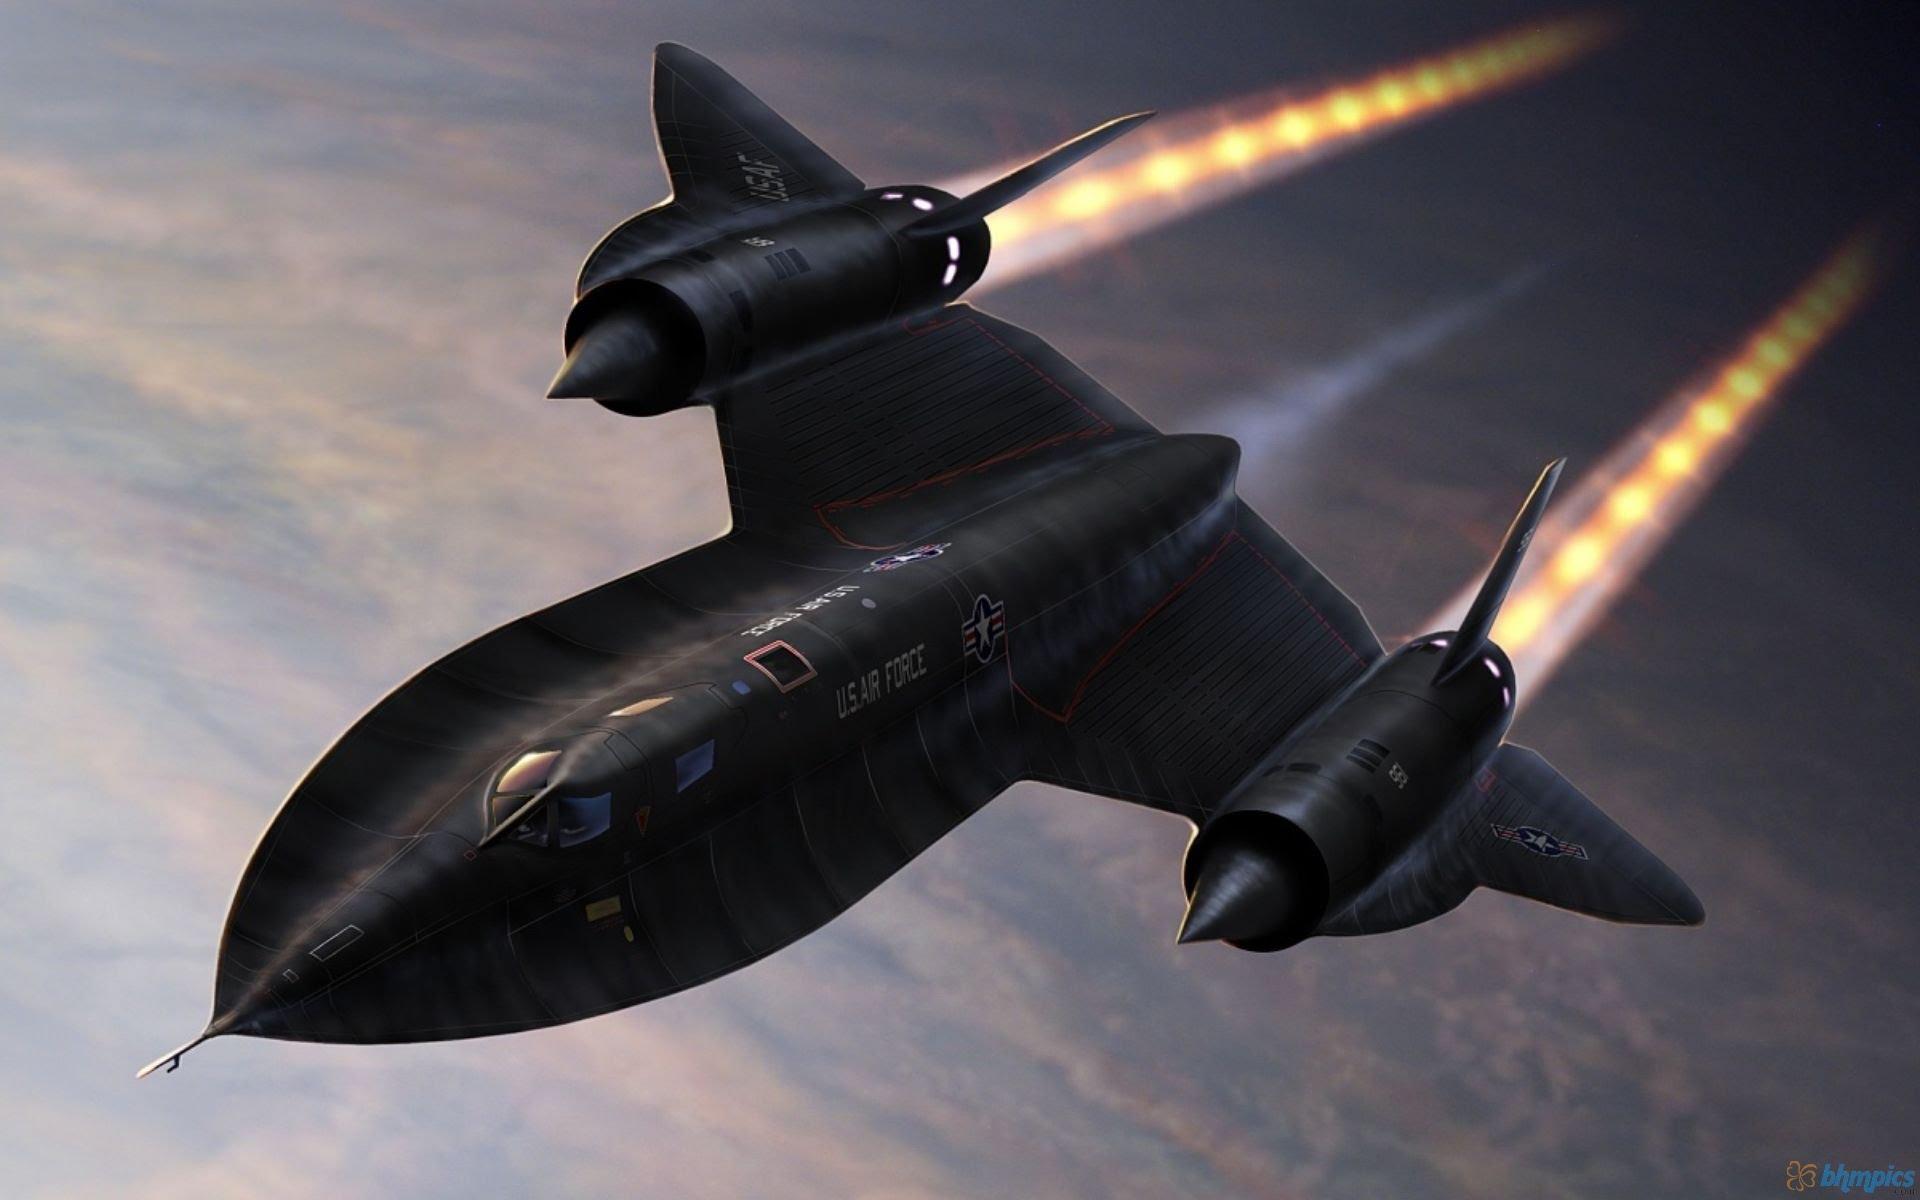 اسرع طائرة في العالم الطائرات الاسرع على وجه الكرة الارضية عالم ستات